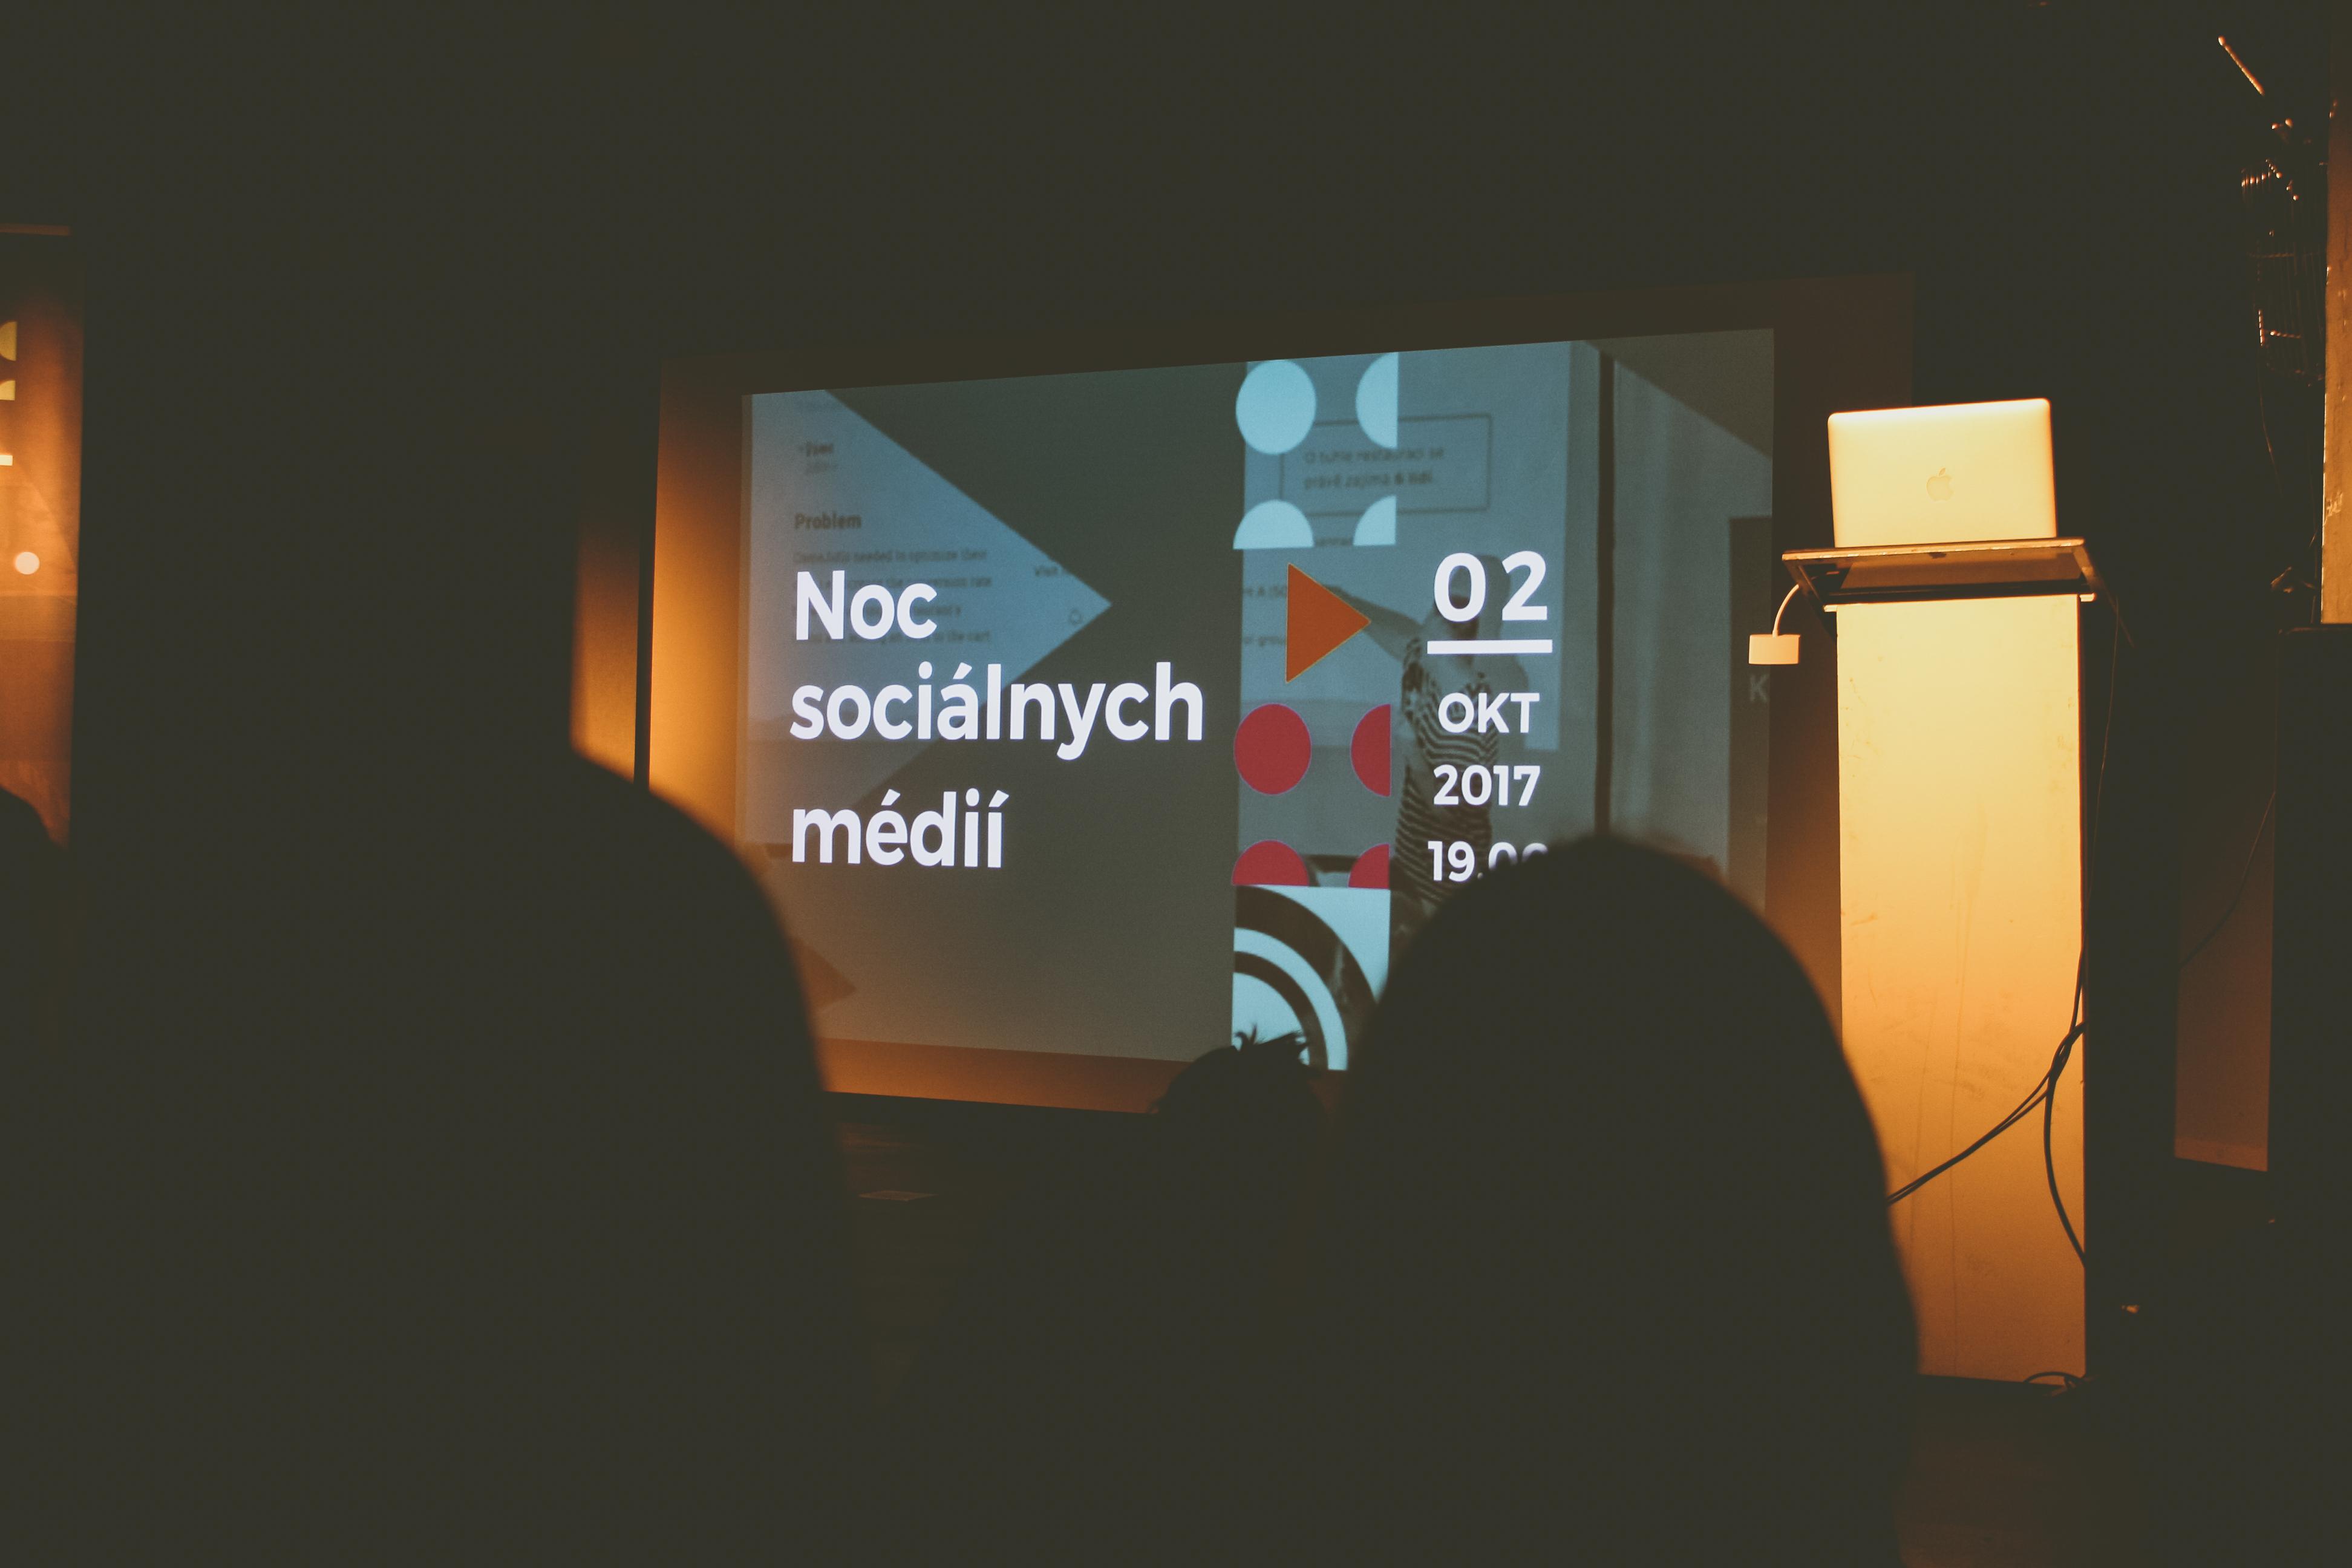 Noc sociálnych médií – svet online marketingu v skratke